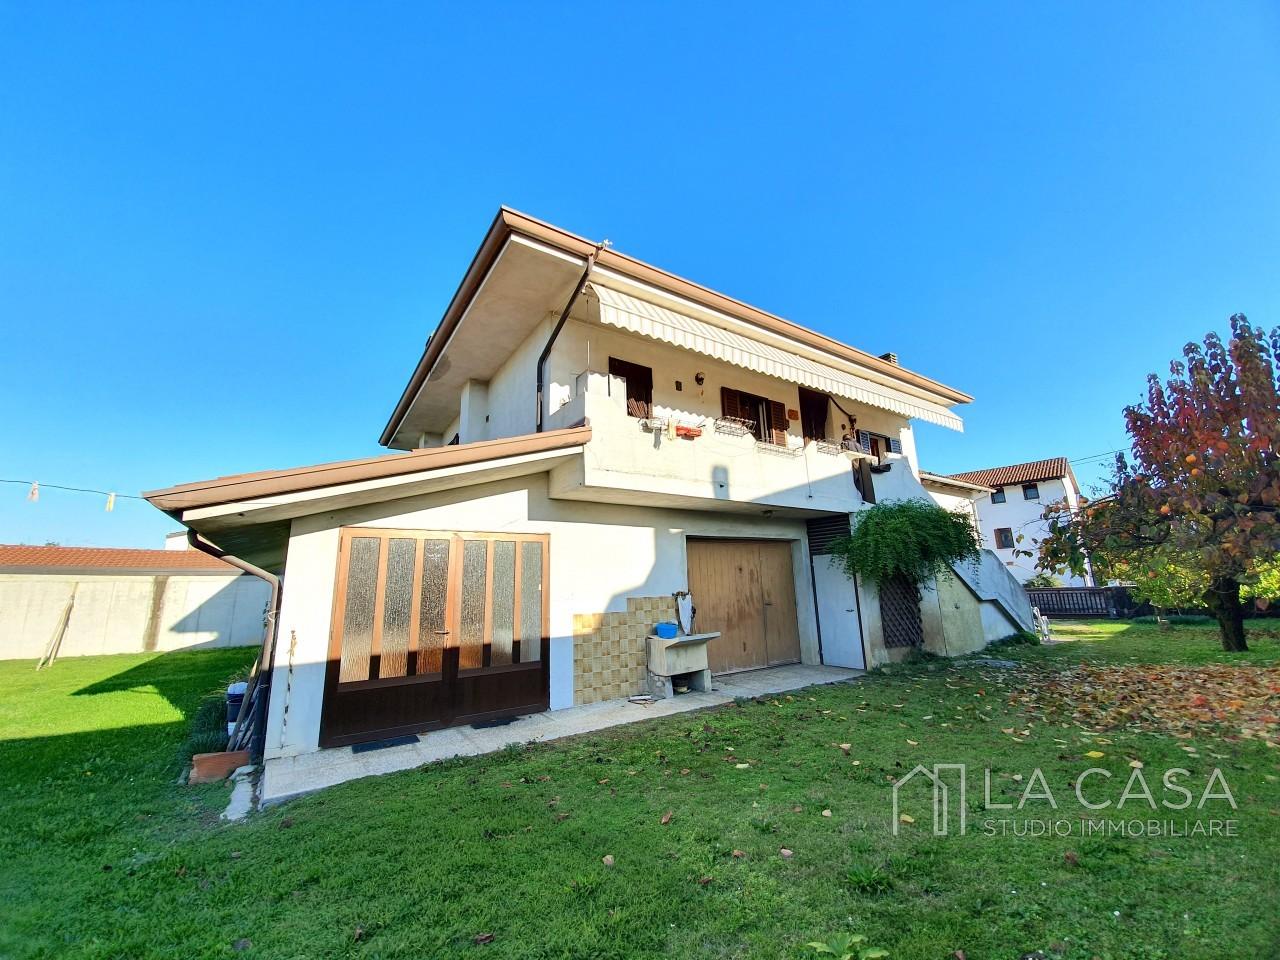 Casa Singola vicinanza centro Casarsa - Rif. C5 https://media.gestionaleimmobiliare.it/foto/annunci/191118/2110517/1280x1280/000__20191114_144708_wmk_0.jpg